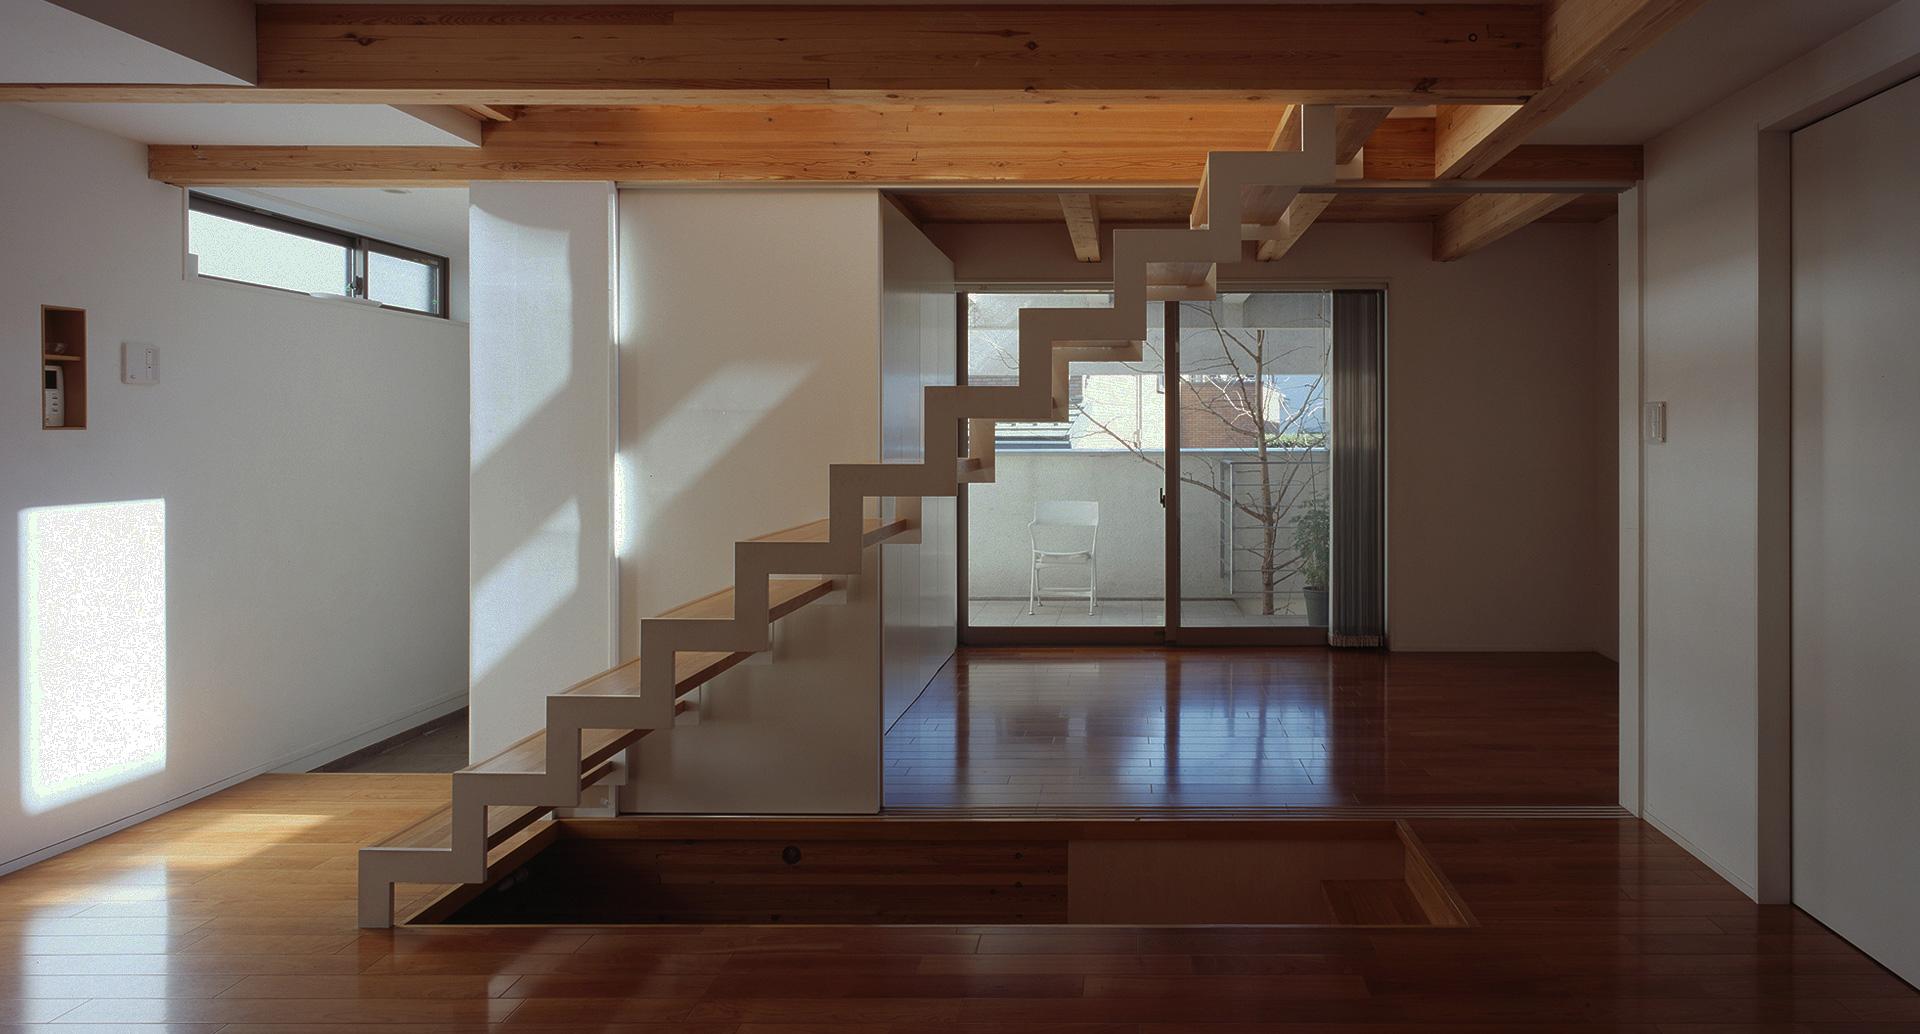 素箱|あなたのアイデアでdesignできる家